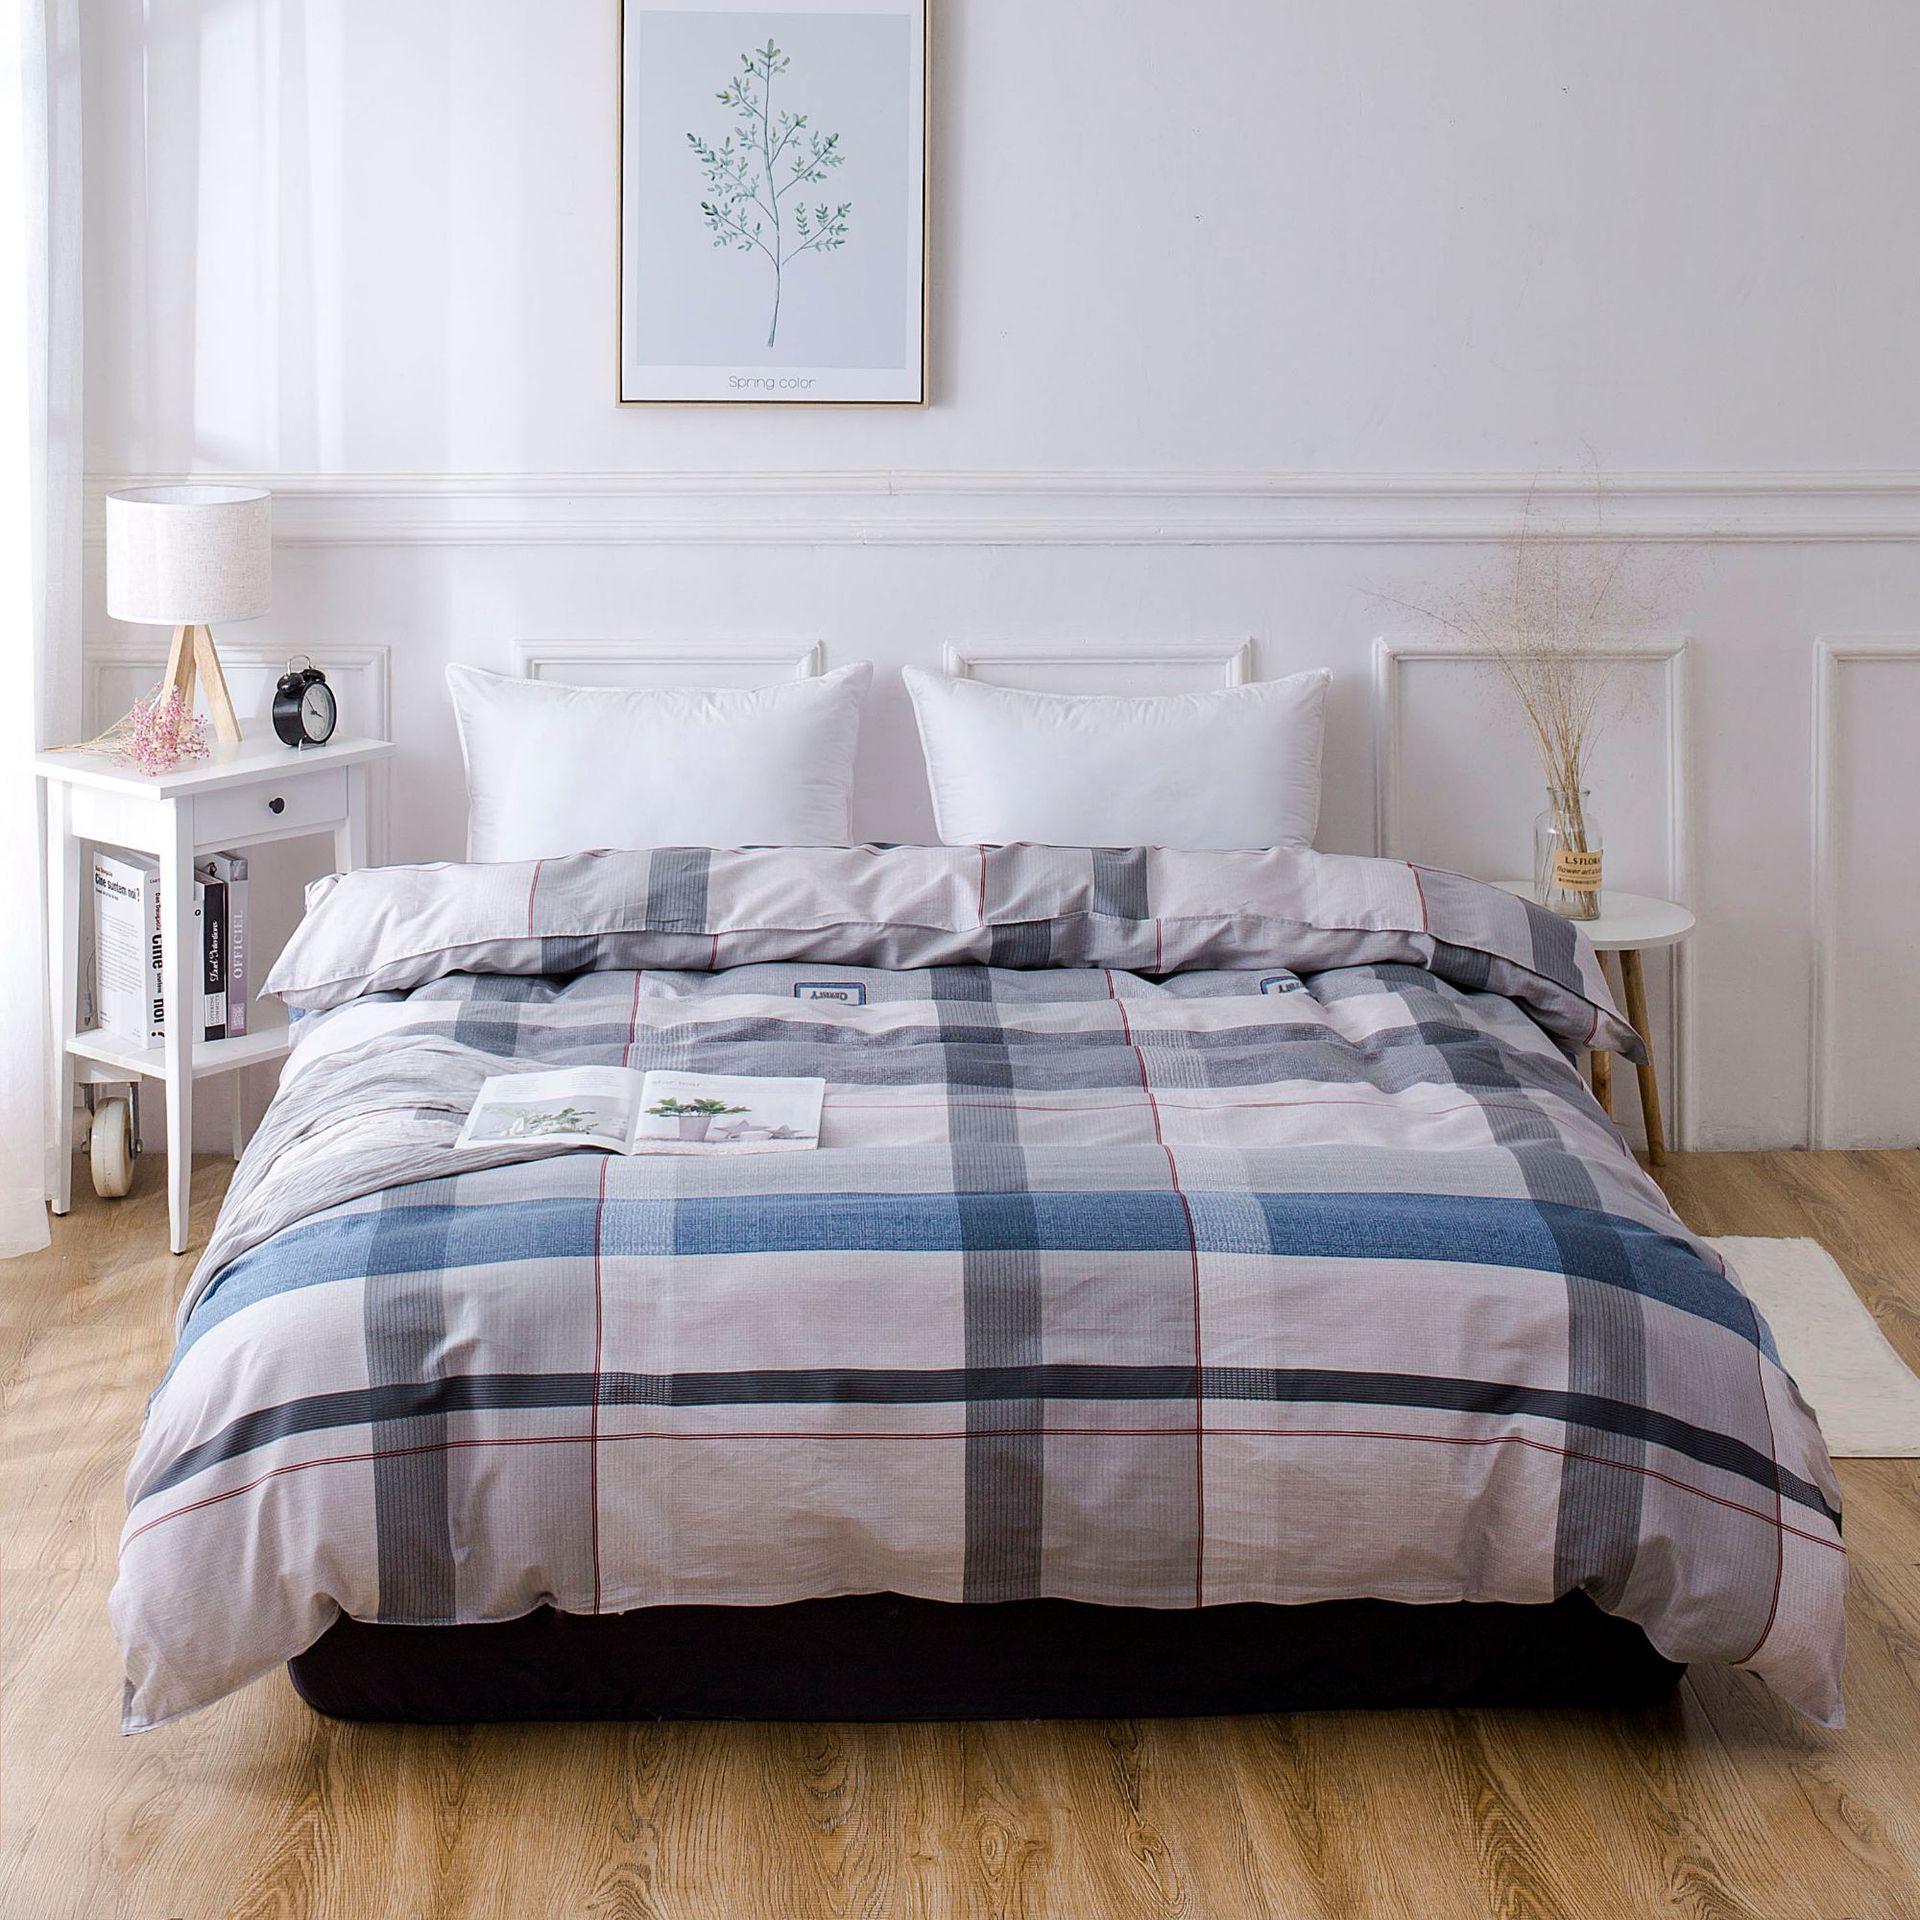 YULING drap mền Chăn bông đơn mảnh 200 * 230CM chăn bông 150 * 200 bộ đồ giường